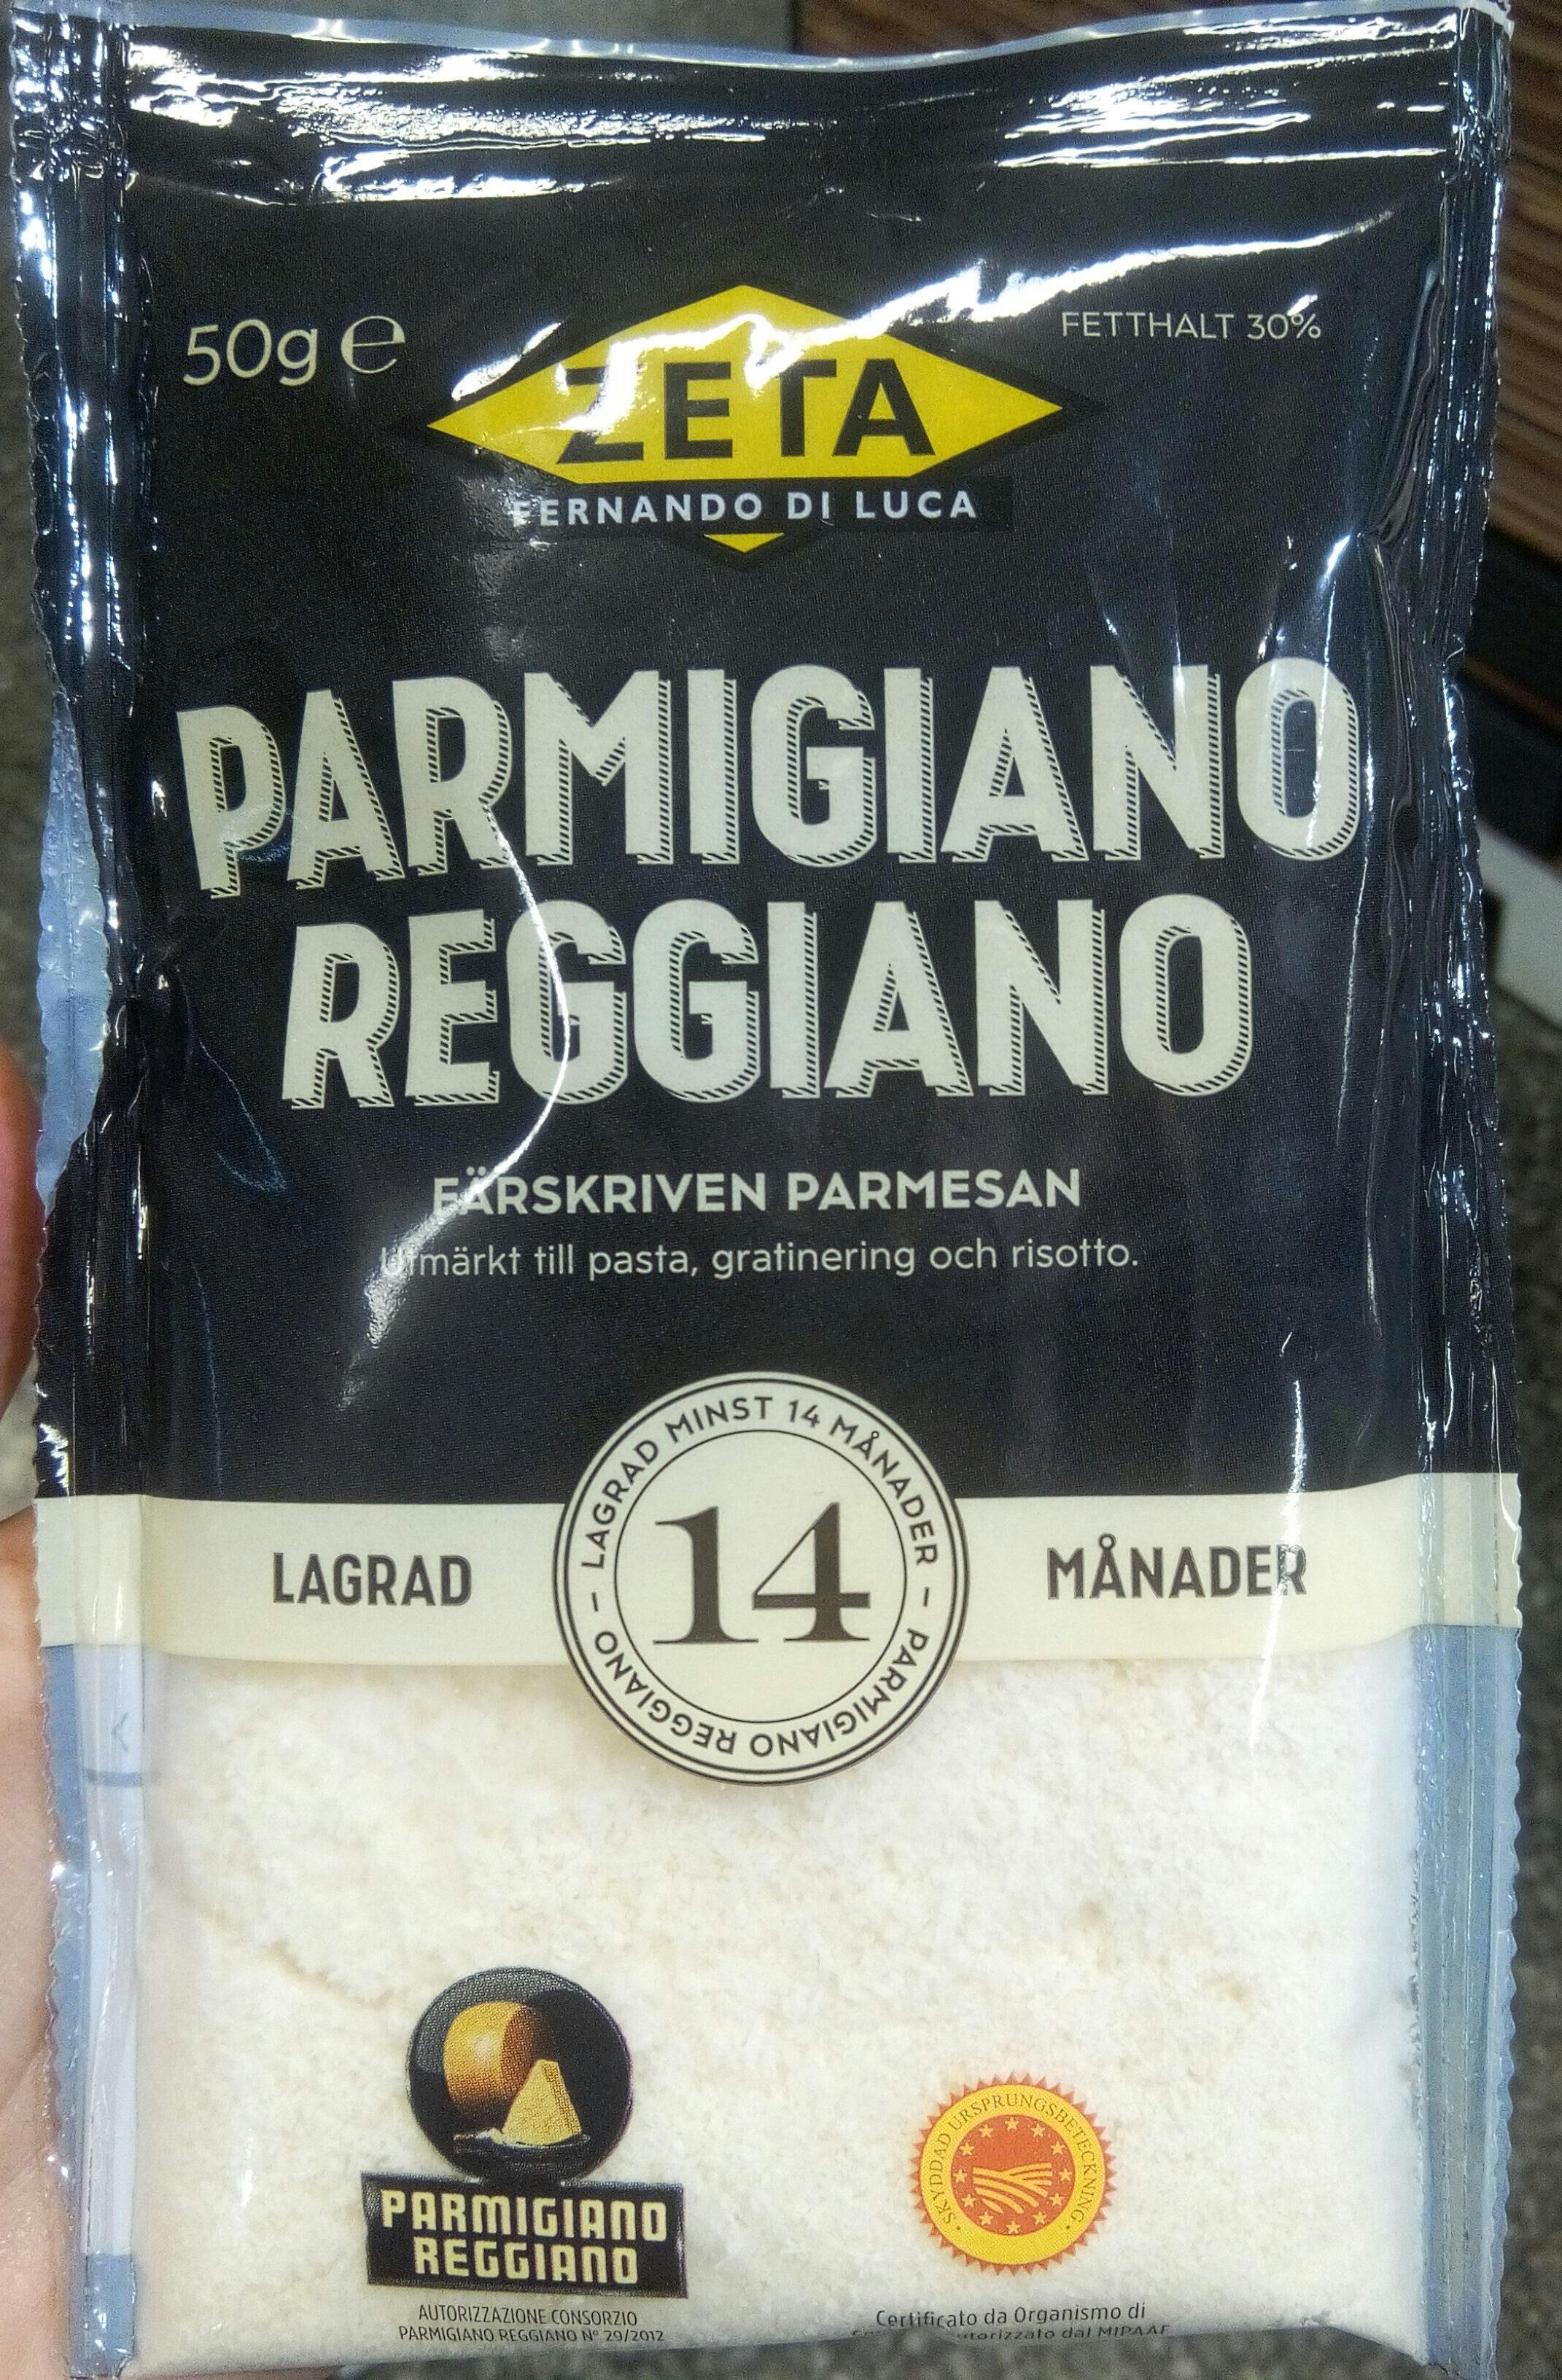 Parmigiano Reggiano 14 månader - Product